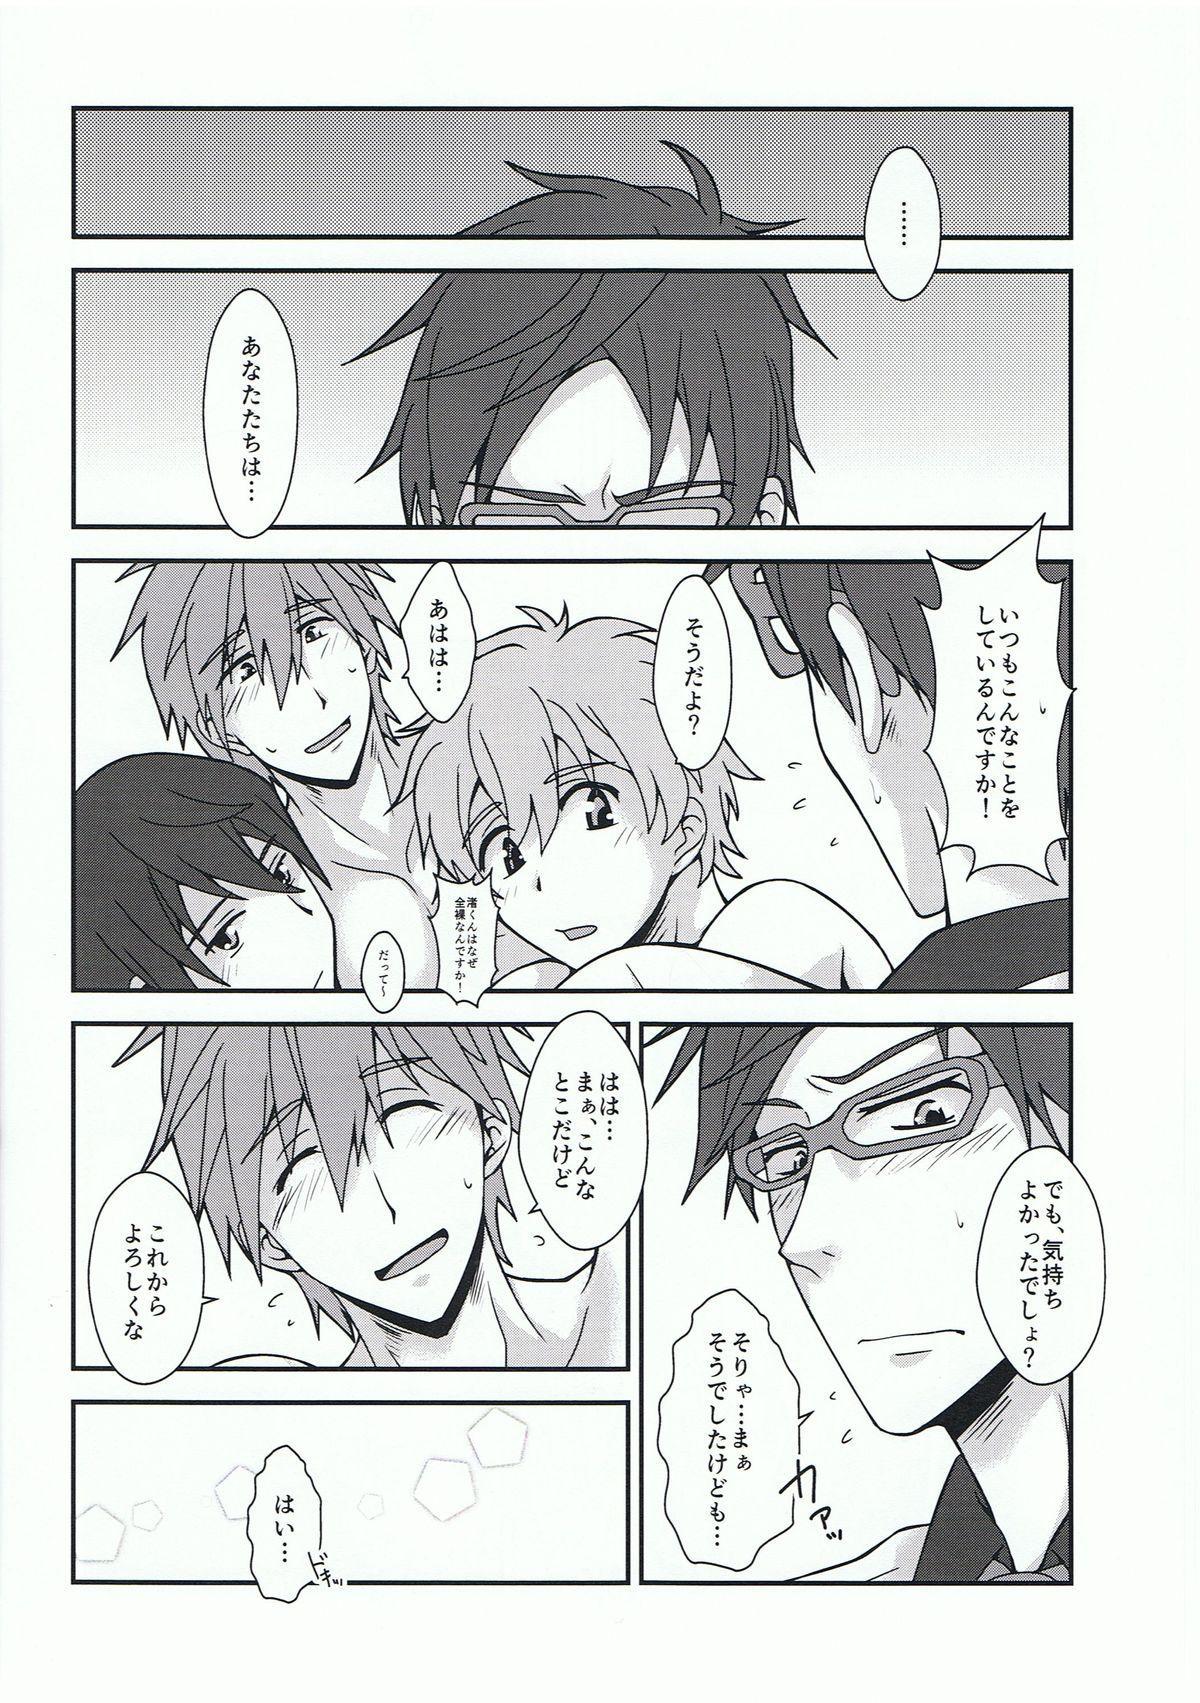 Omotenashi 14